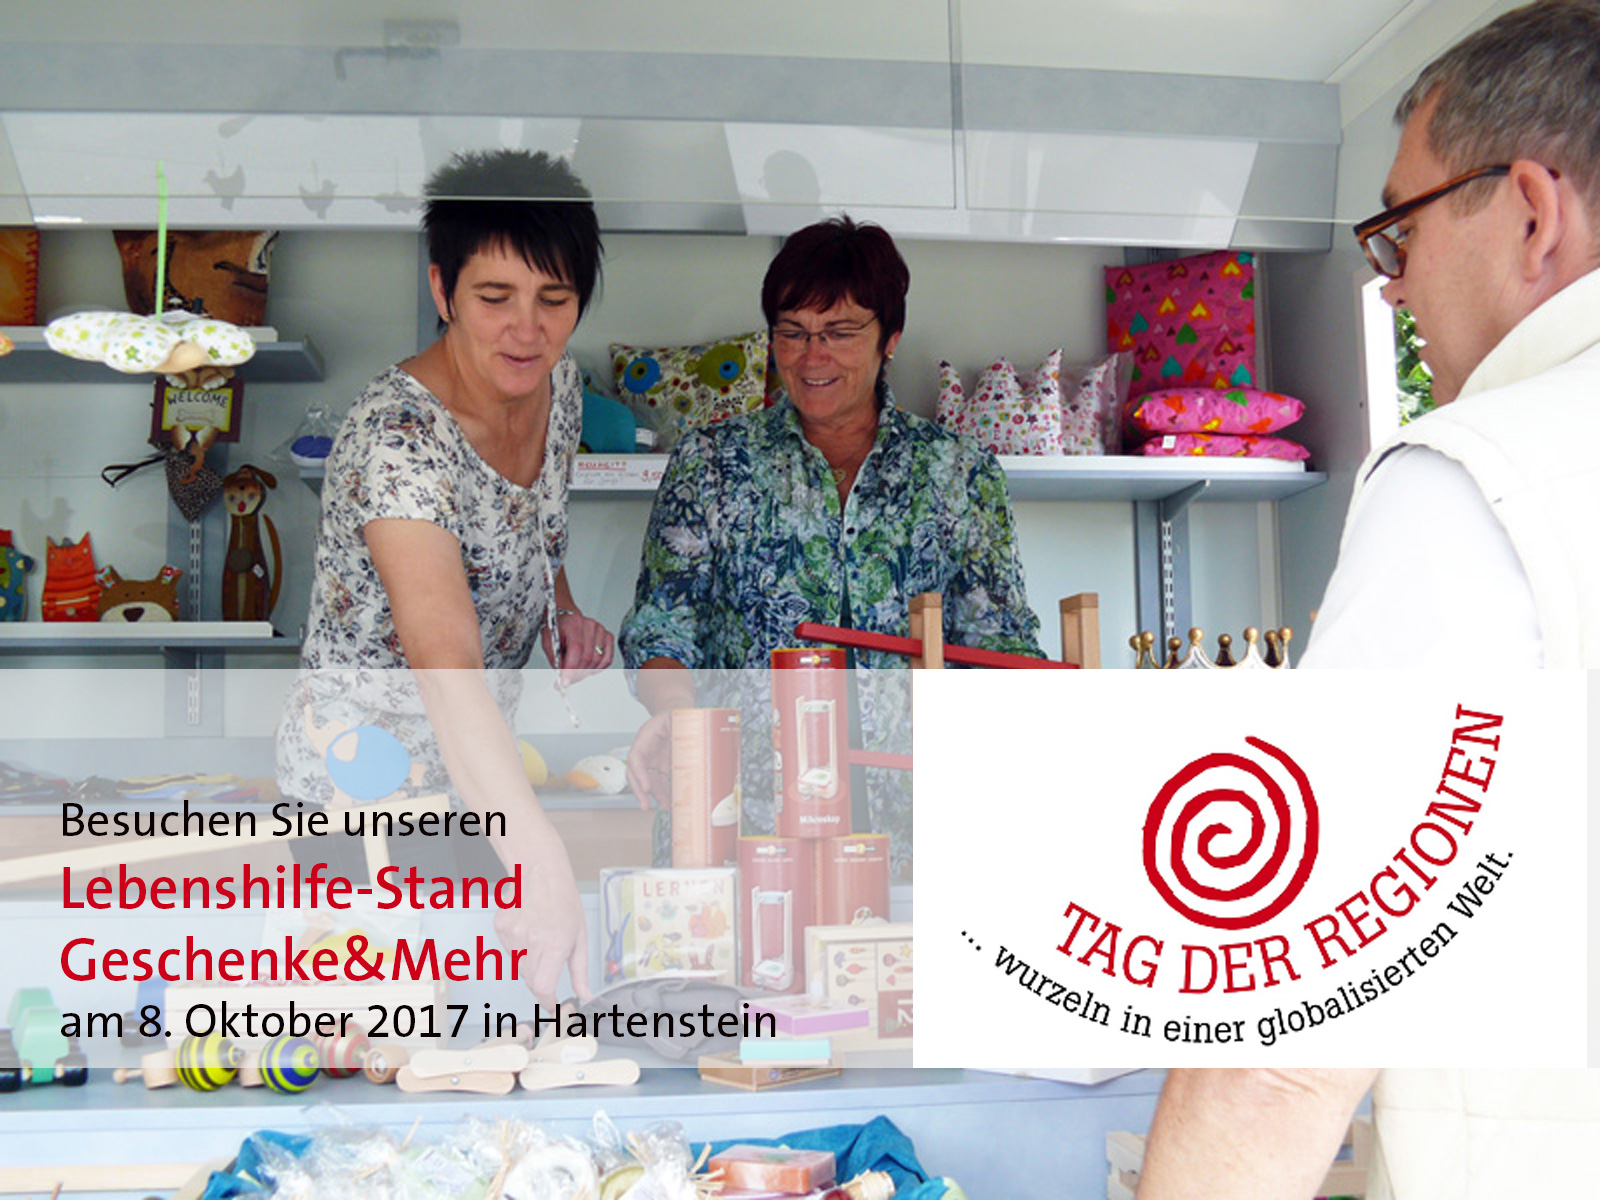 Am 8. Oktober 2017 ist Tag der Regionen in Hartenstein. Die Lebenshilfe Nürnberger Land e. V. präsentiert sich mit Verkaufsstand, Musikprojekt und Familienentlastungsdienst.